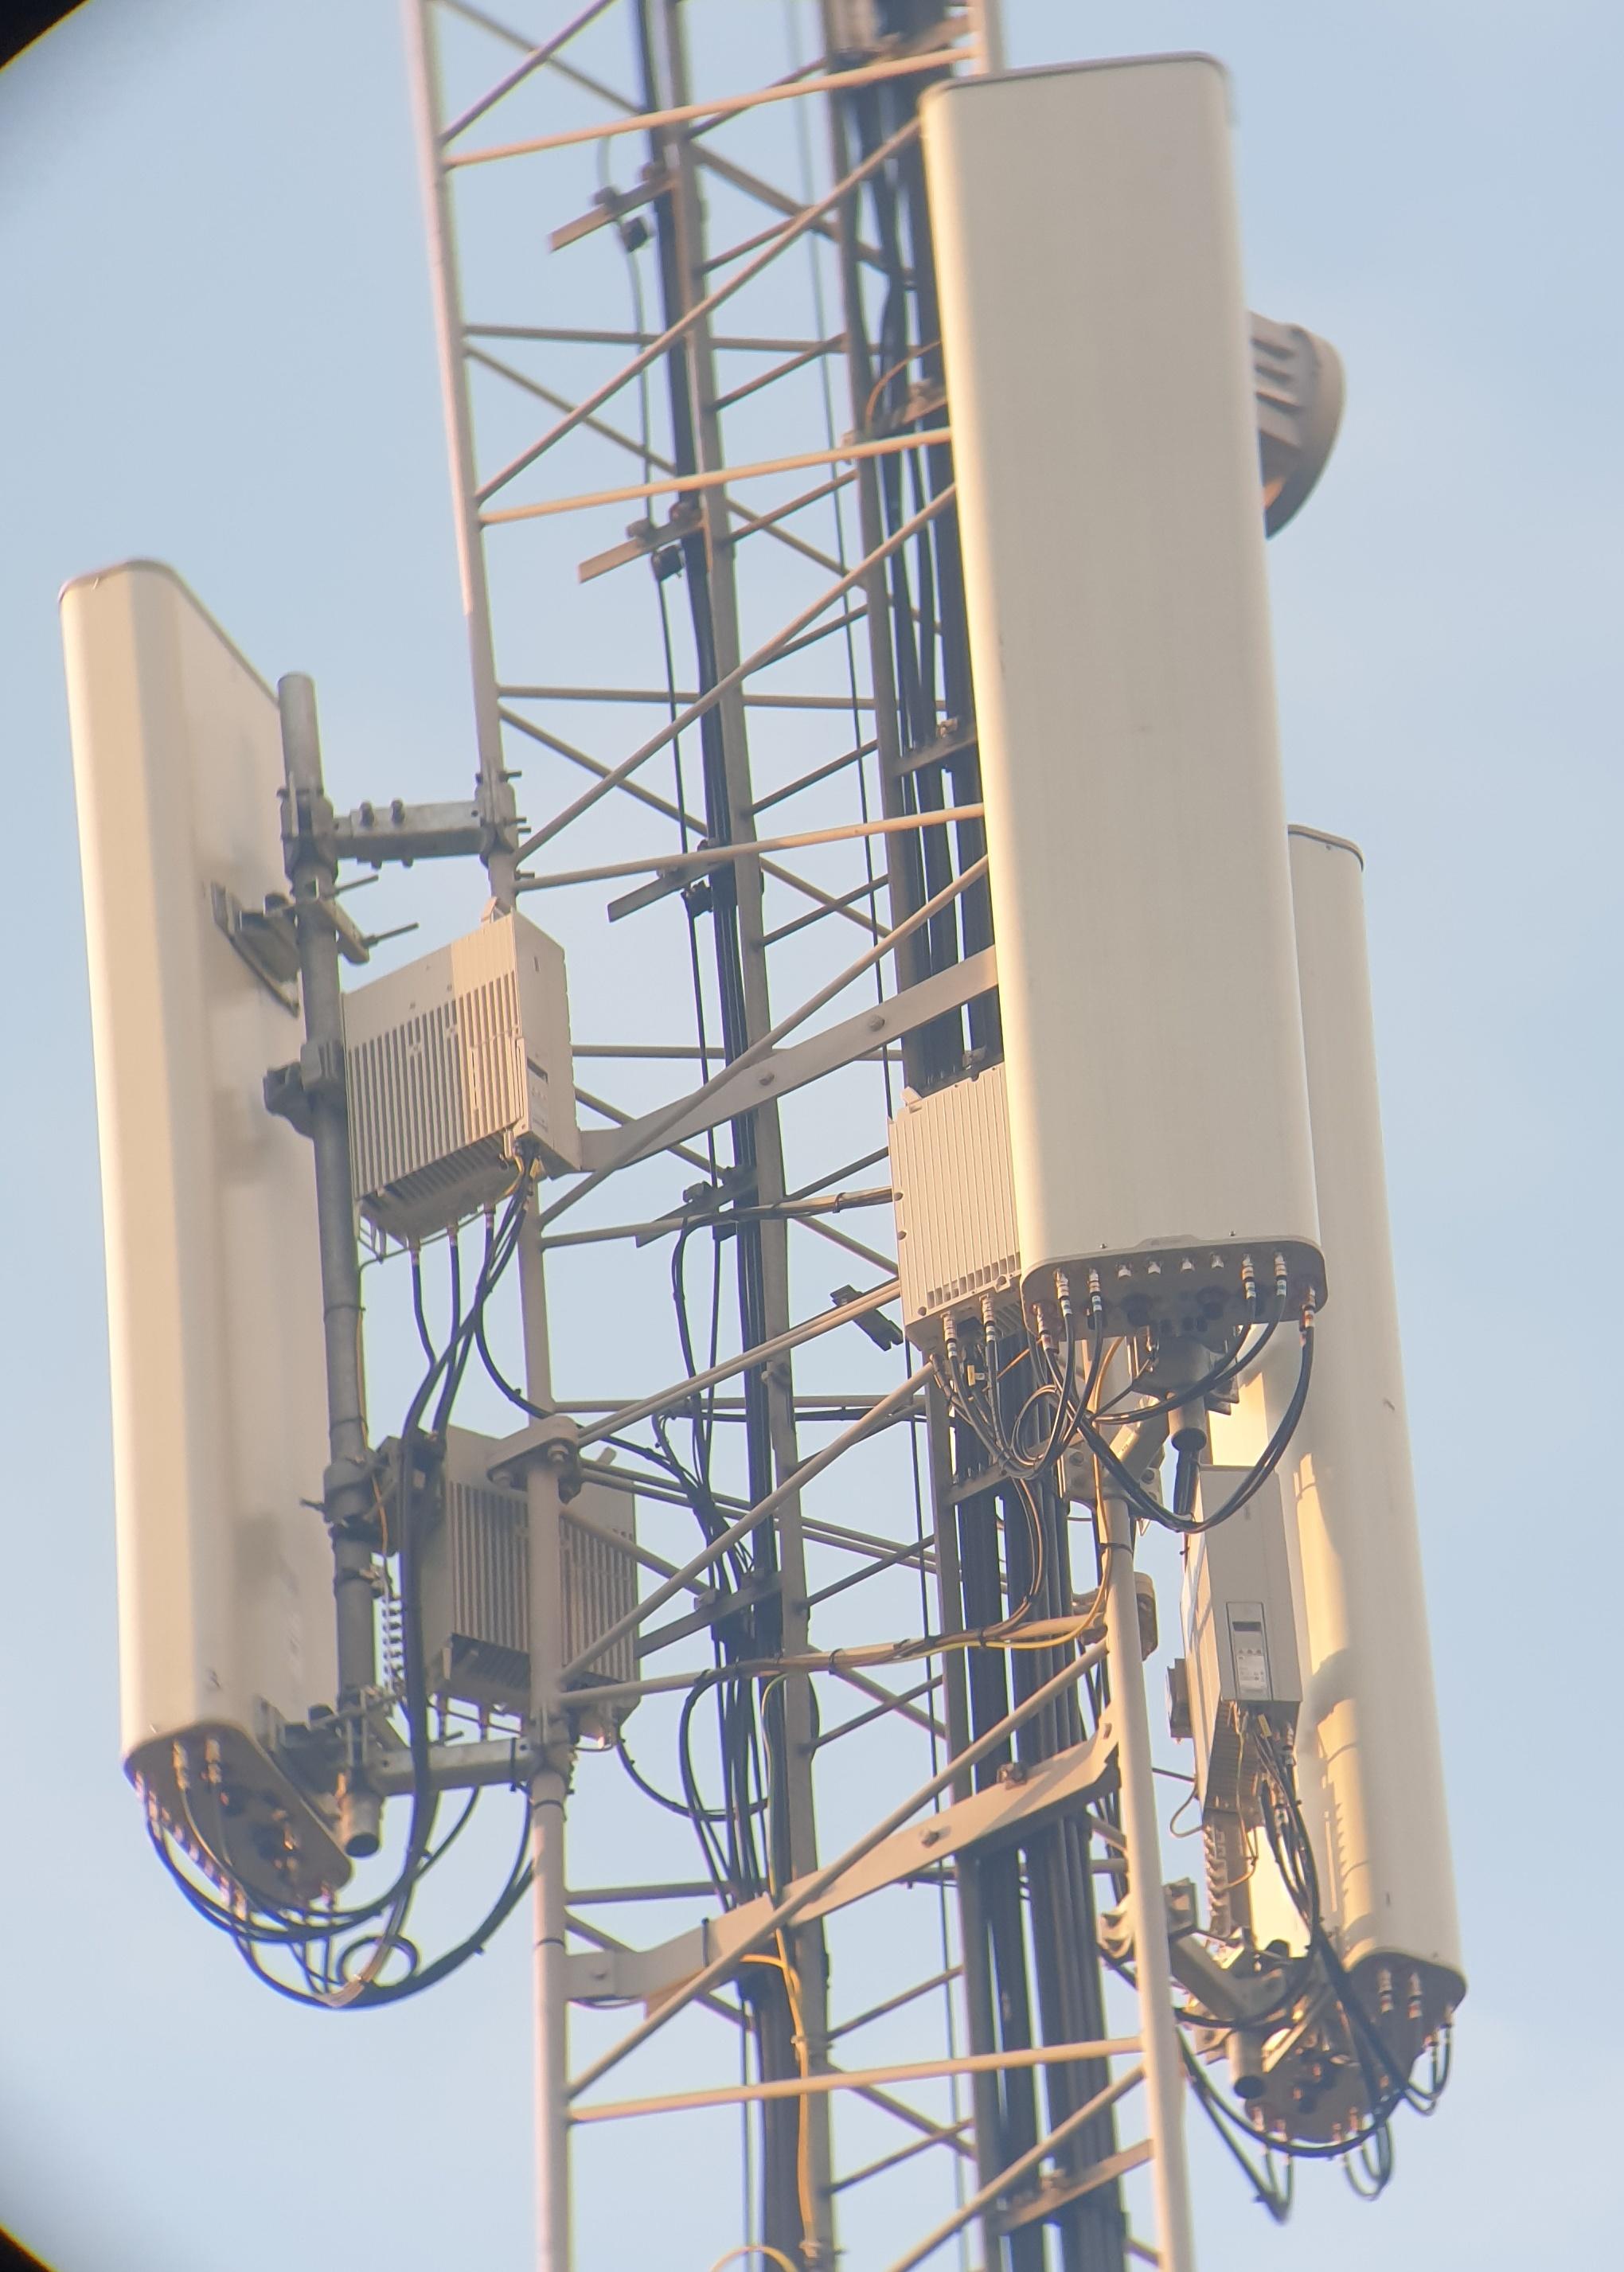 Nieuw soort T-Mobile locatie bij Zwolle